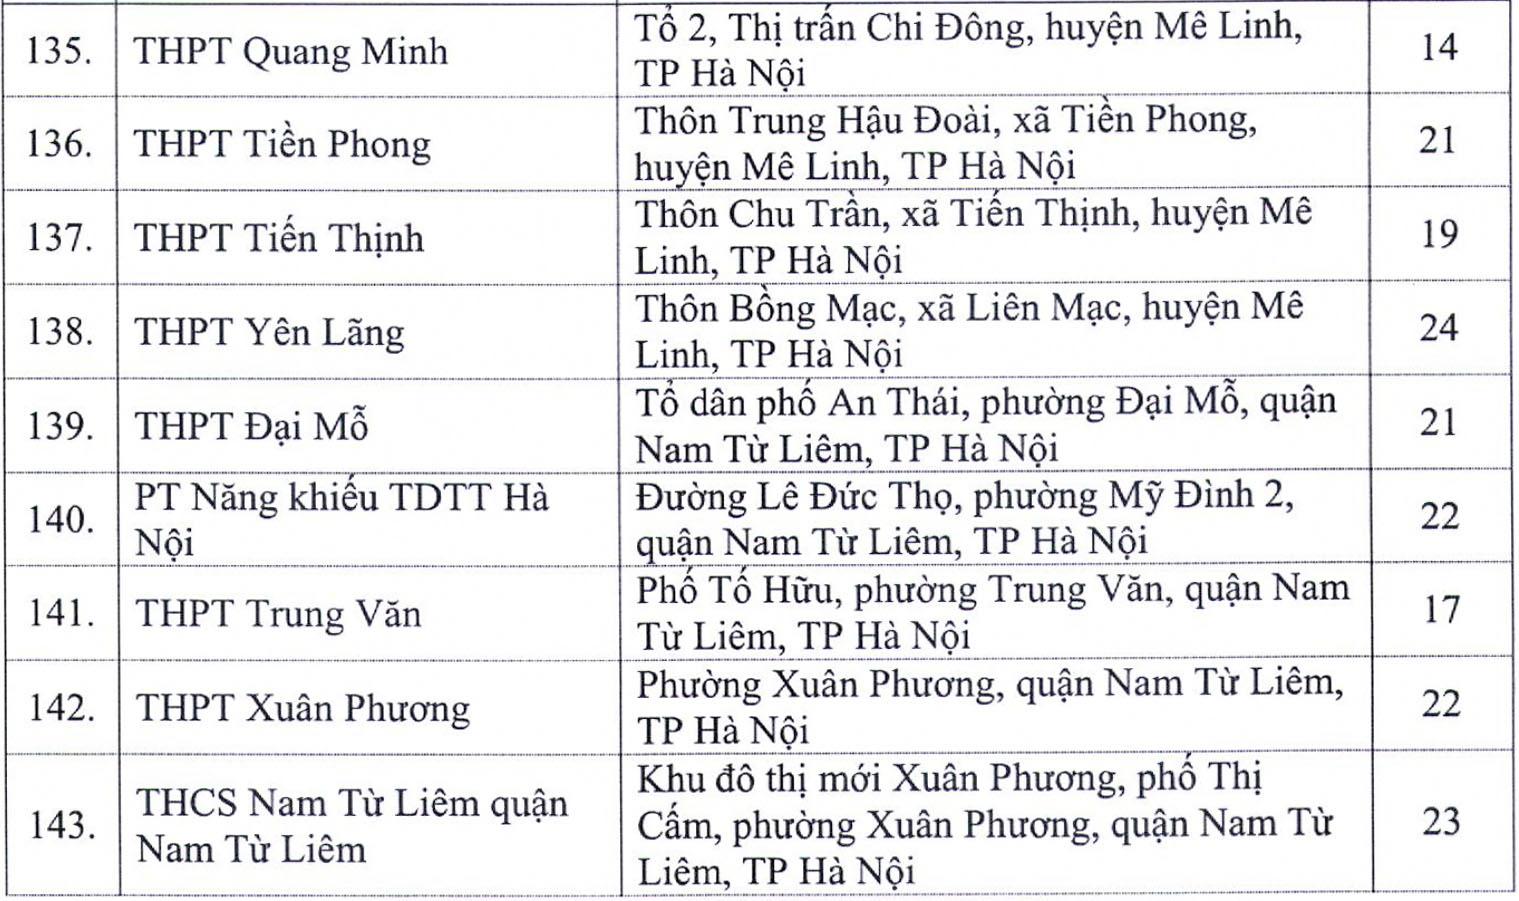 Hà Nội công bố 143 điểm thi tốt nghiệp THPT 2020 - 7